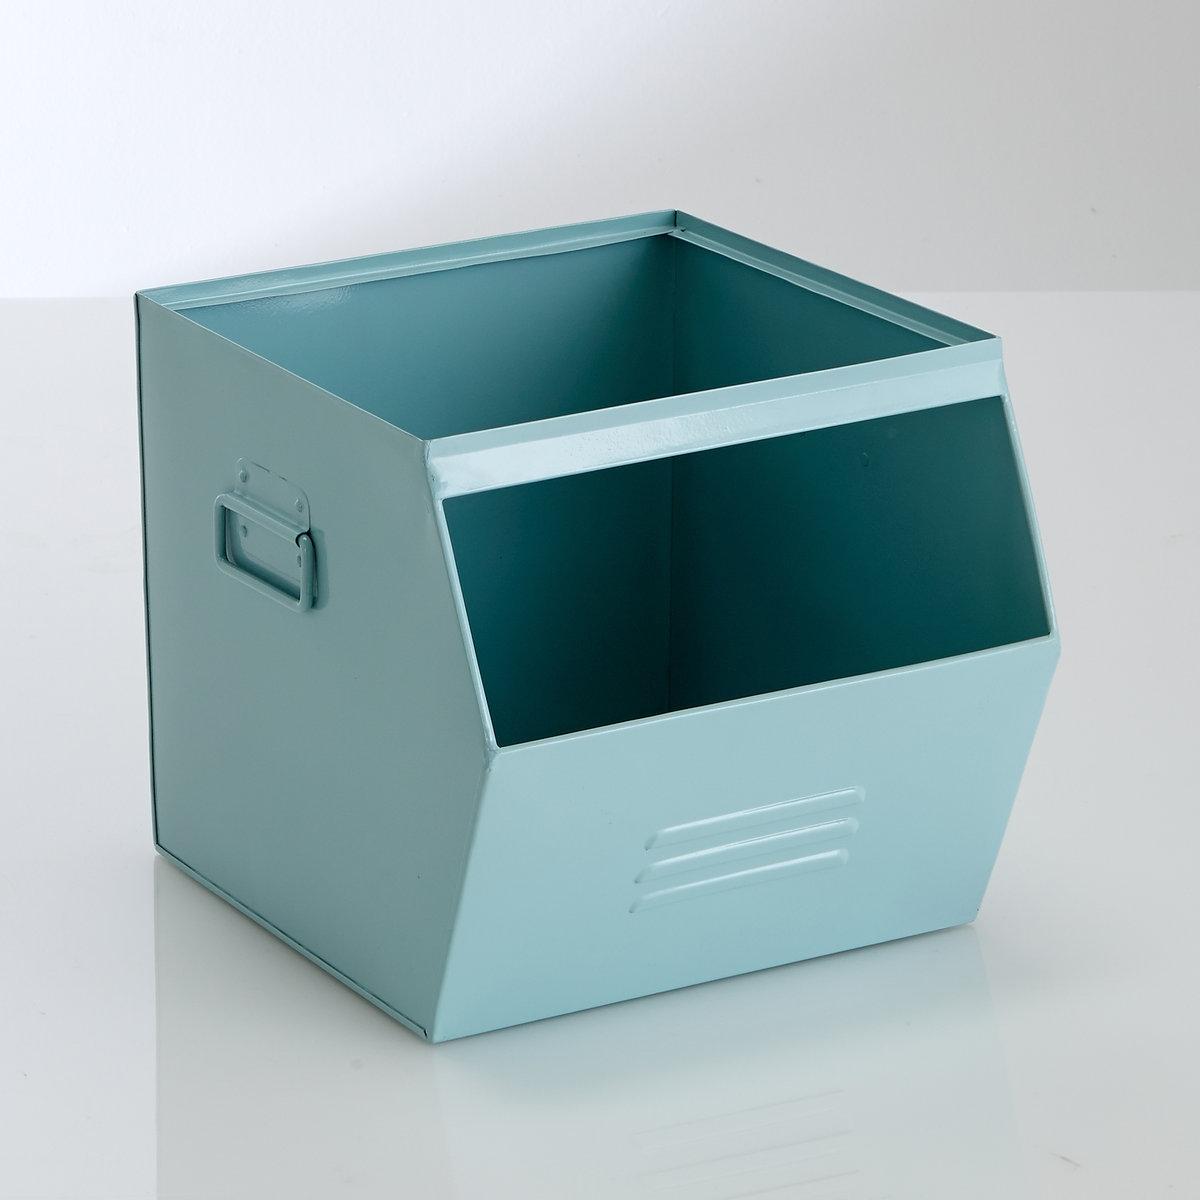 Ящик из гальванизированного металла, HibaДетская или комната подростка, прихожая, встроенные шкафы…Ящик из гальванизированного металла Hiba можно наполнить, чем угодно  : Позволяет легко и практично разместить вещи в духе современных тенденций .Для версии серый металлик, эффект старины делает каждое изделие уникальным . Неоднородность, которая может проявиться, подчеркивает аутентичность изделия .  Описание ящика Hiba Ручки сбоку .Отделение для этикеток сбоку .Характеристики ящика HibaГальванизированный металл, покрытый эпоксидной краской .Ящик Hiba поставляется в собранном виде .Найдите другую мебель и модели из коллекции Hiba на нашем сайте ..Размеры ящика HibaШирина : 36 смВысота : 30 смГлубина : 33 см.<br><br>Цвет: розовый